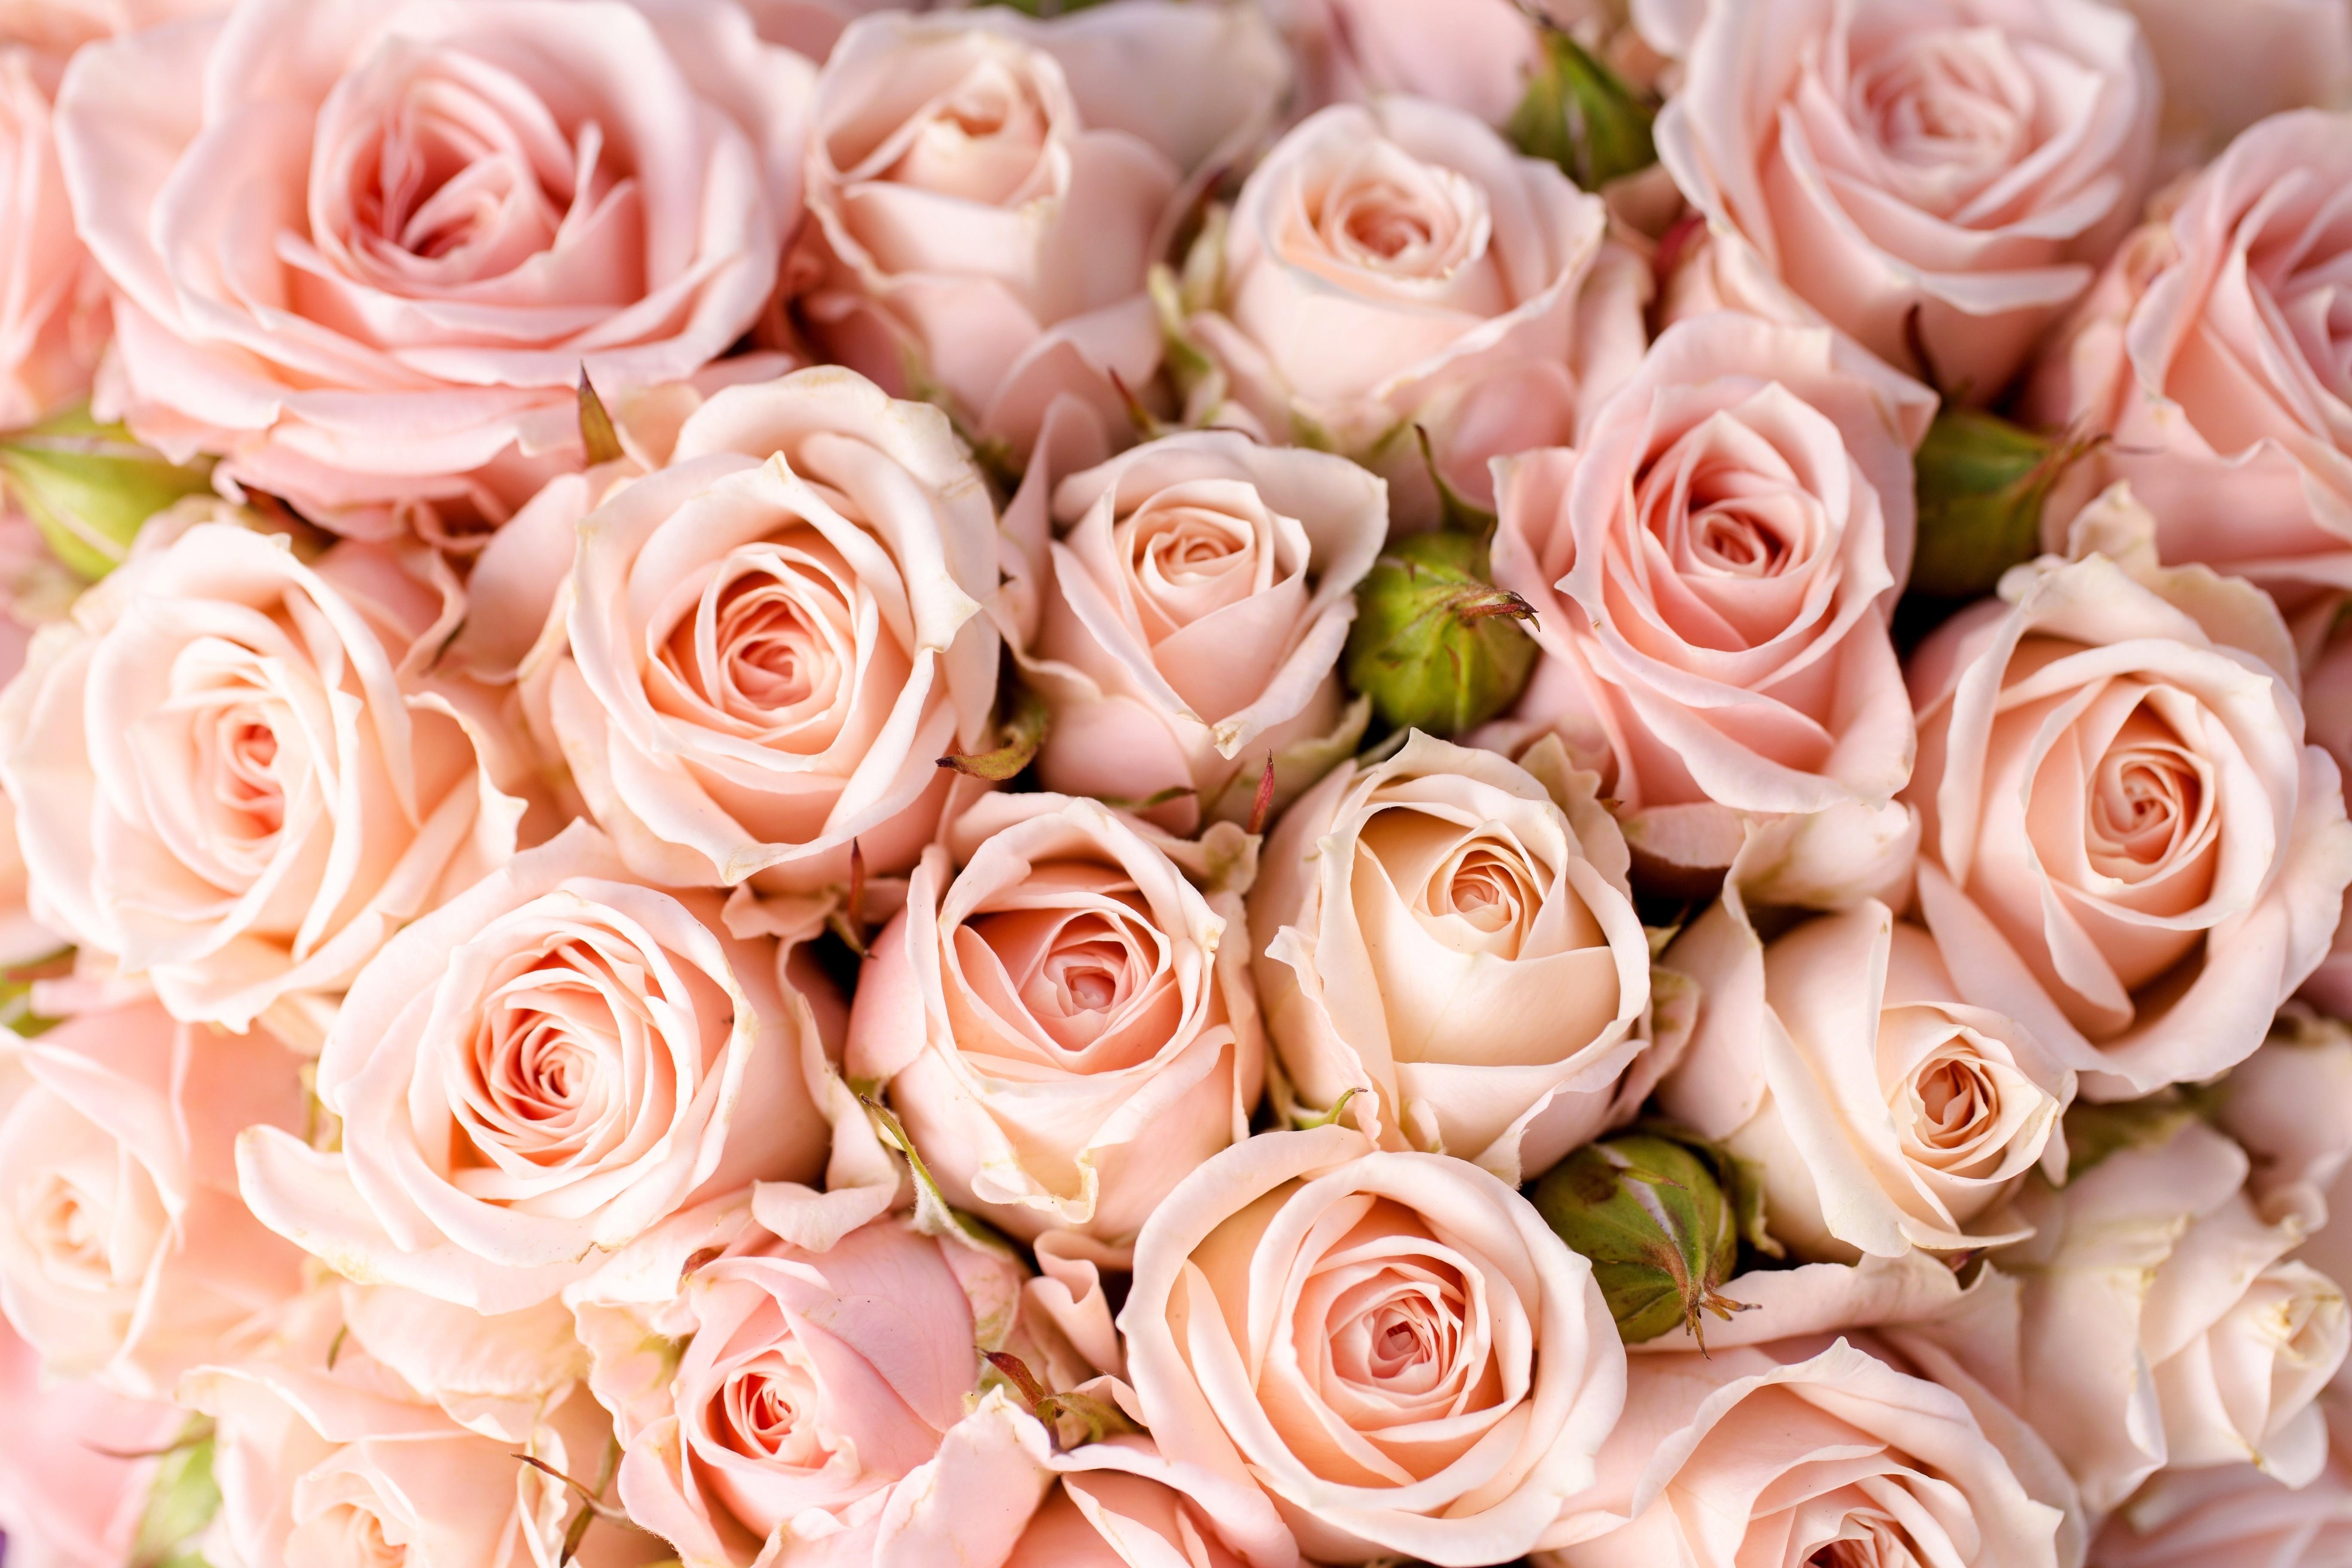 wallpaper roses 5k 4k wallpaper 8k flowers pink nature 5346. Black Bedroom Furniture Sets. Home Design Ideas